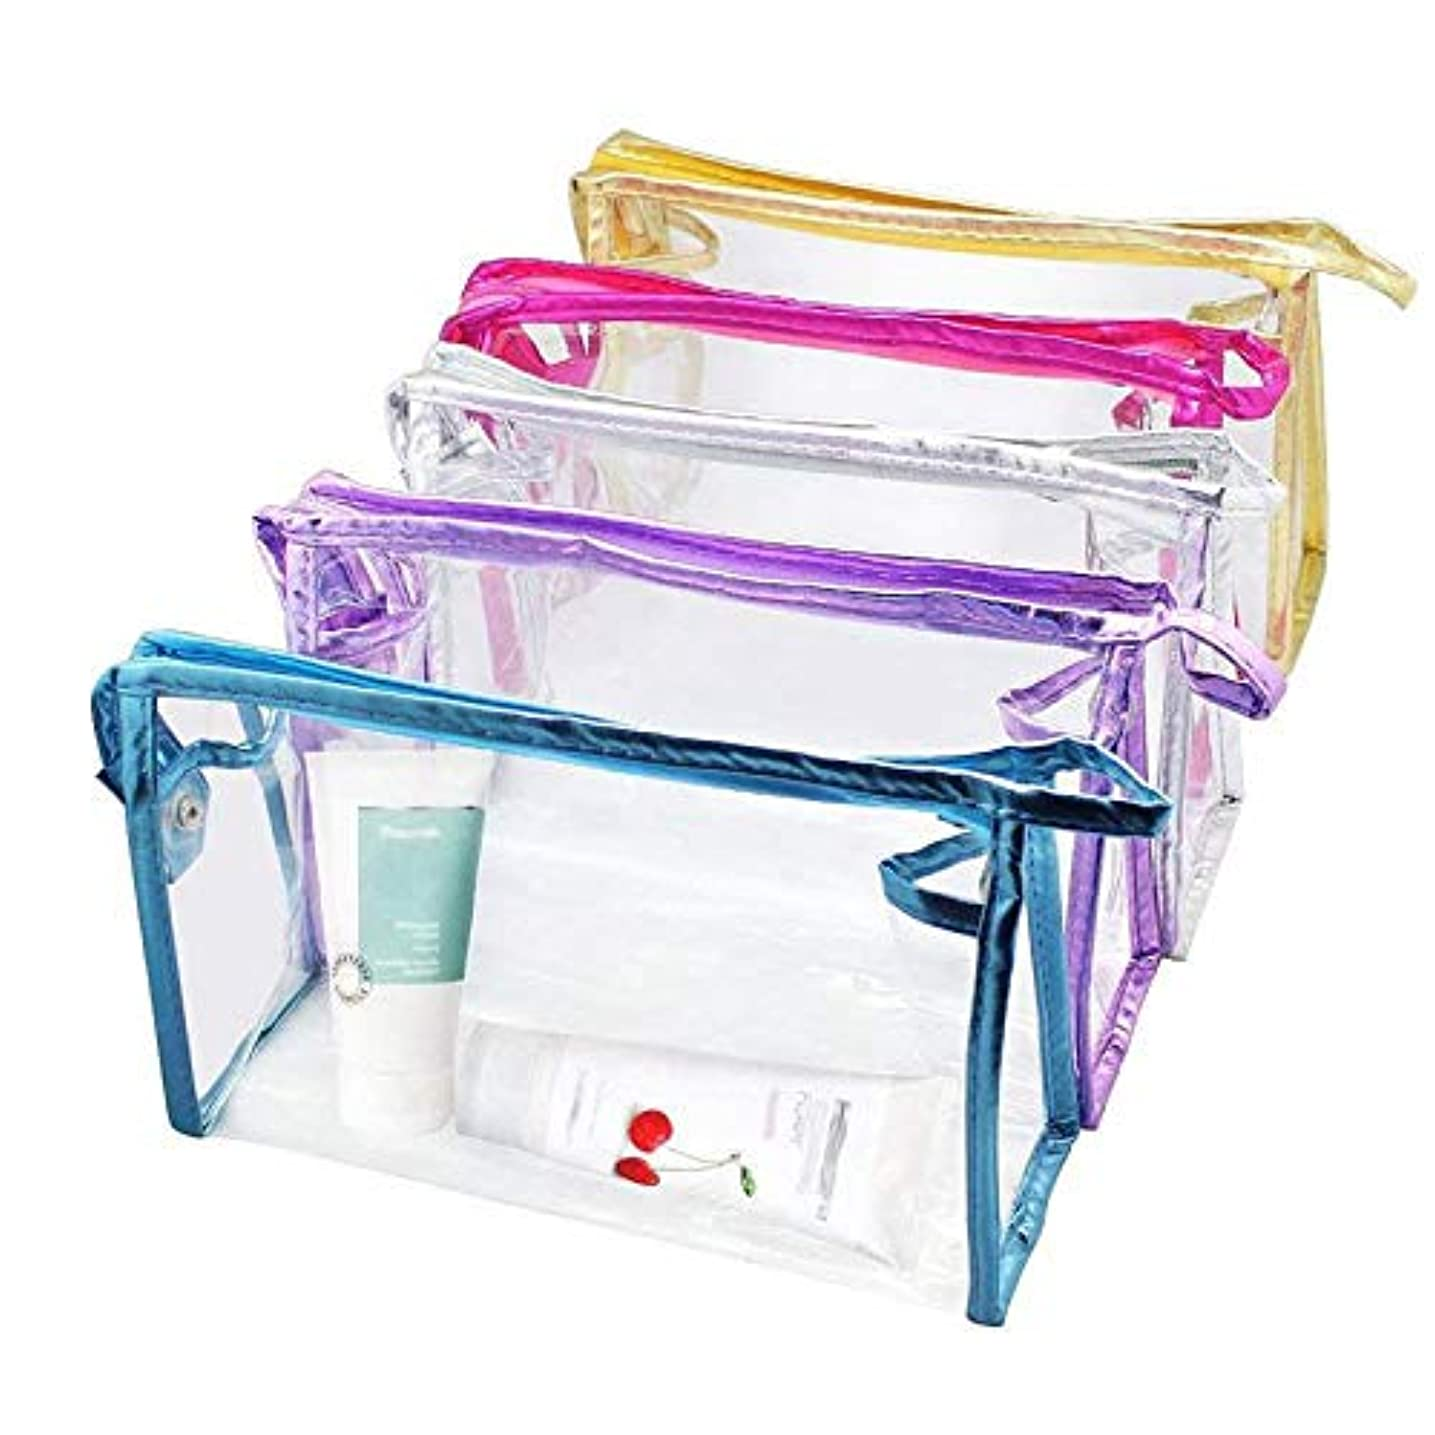 ずらす有力者ミンチACAMPTAR 5個透明防水化粧品バッグ、PVCビニールジッパーウォッシュバッグ休暇、バスルームと整理バッグ旅行セット